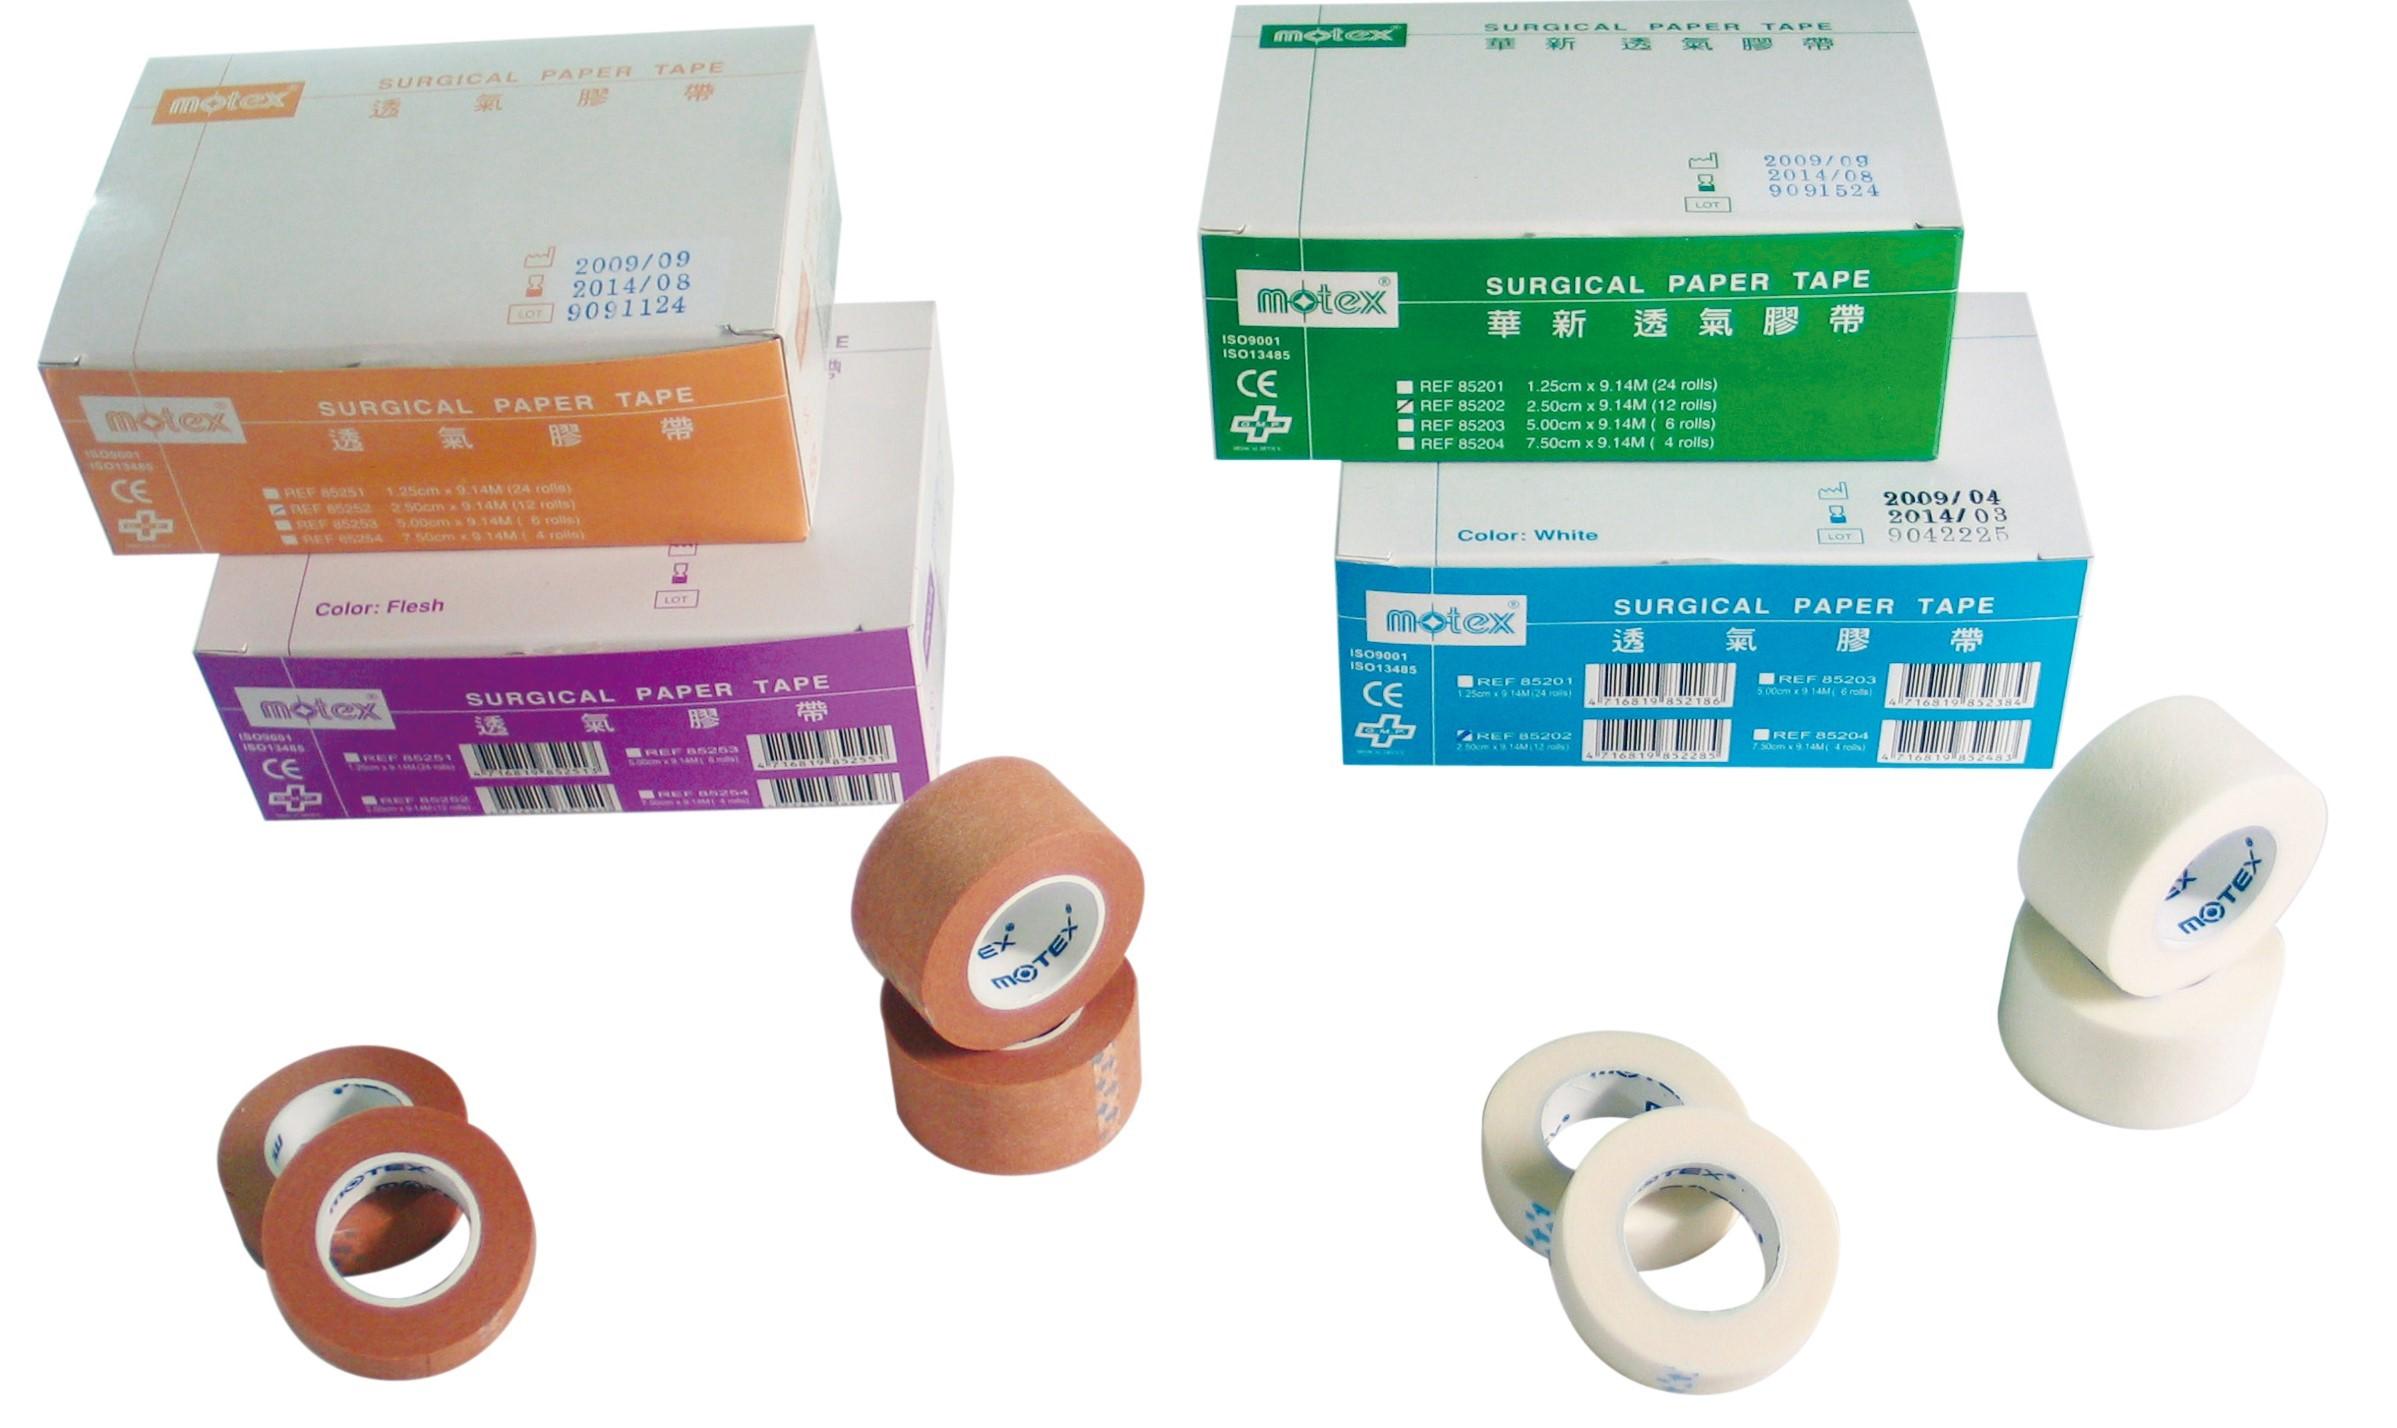 透氣紙膠-華新橡膠工業股份有限公司